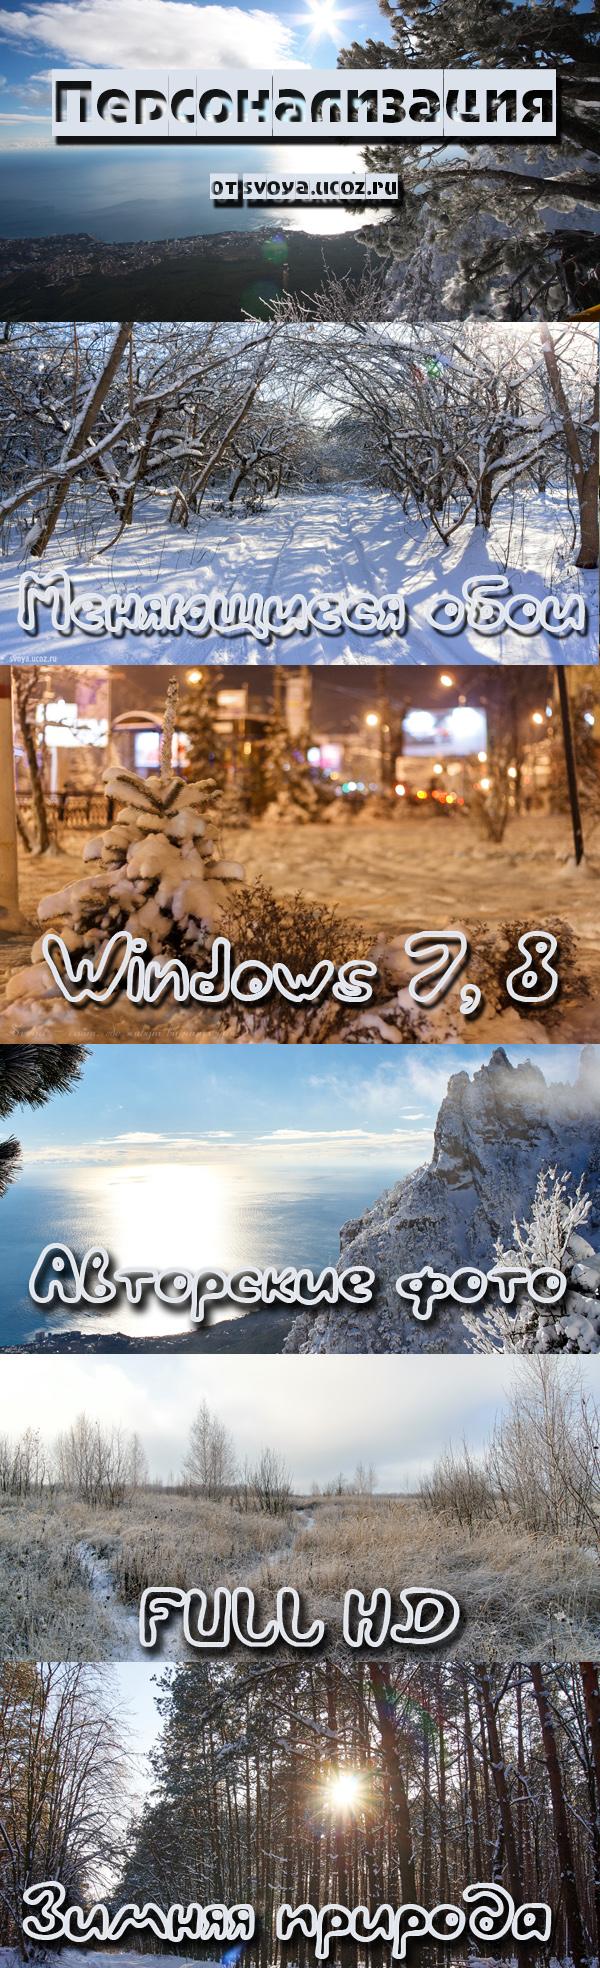 скачать темы со сменой картинок для windows 7